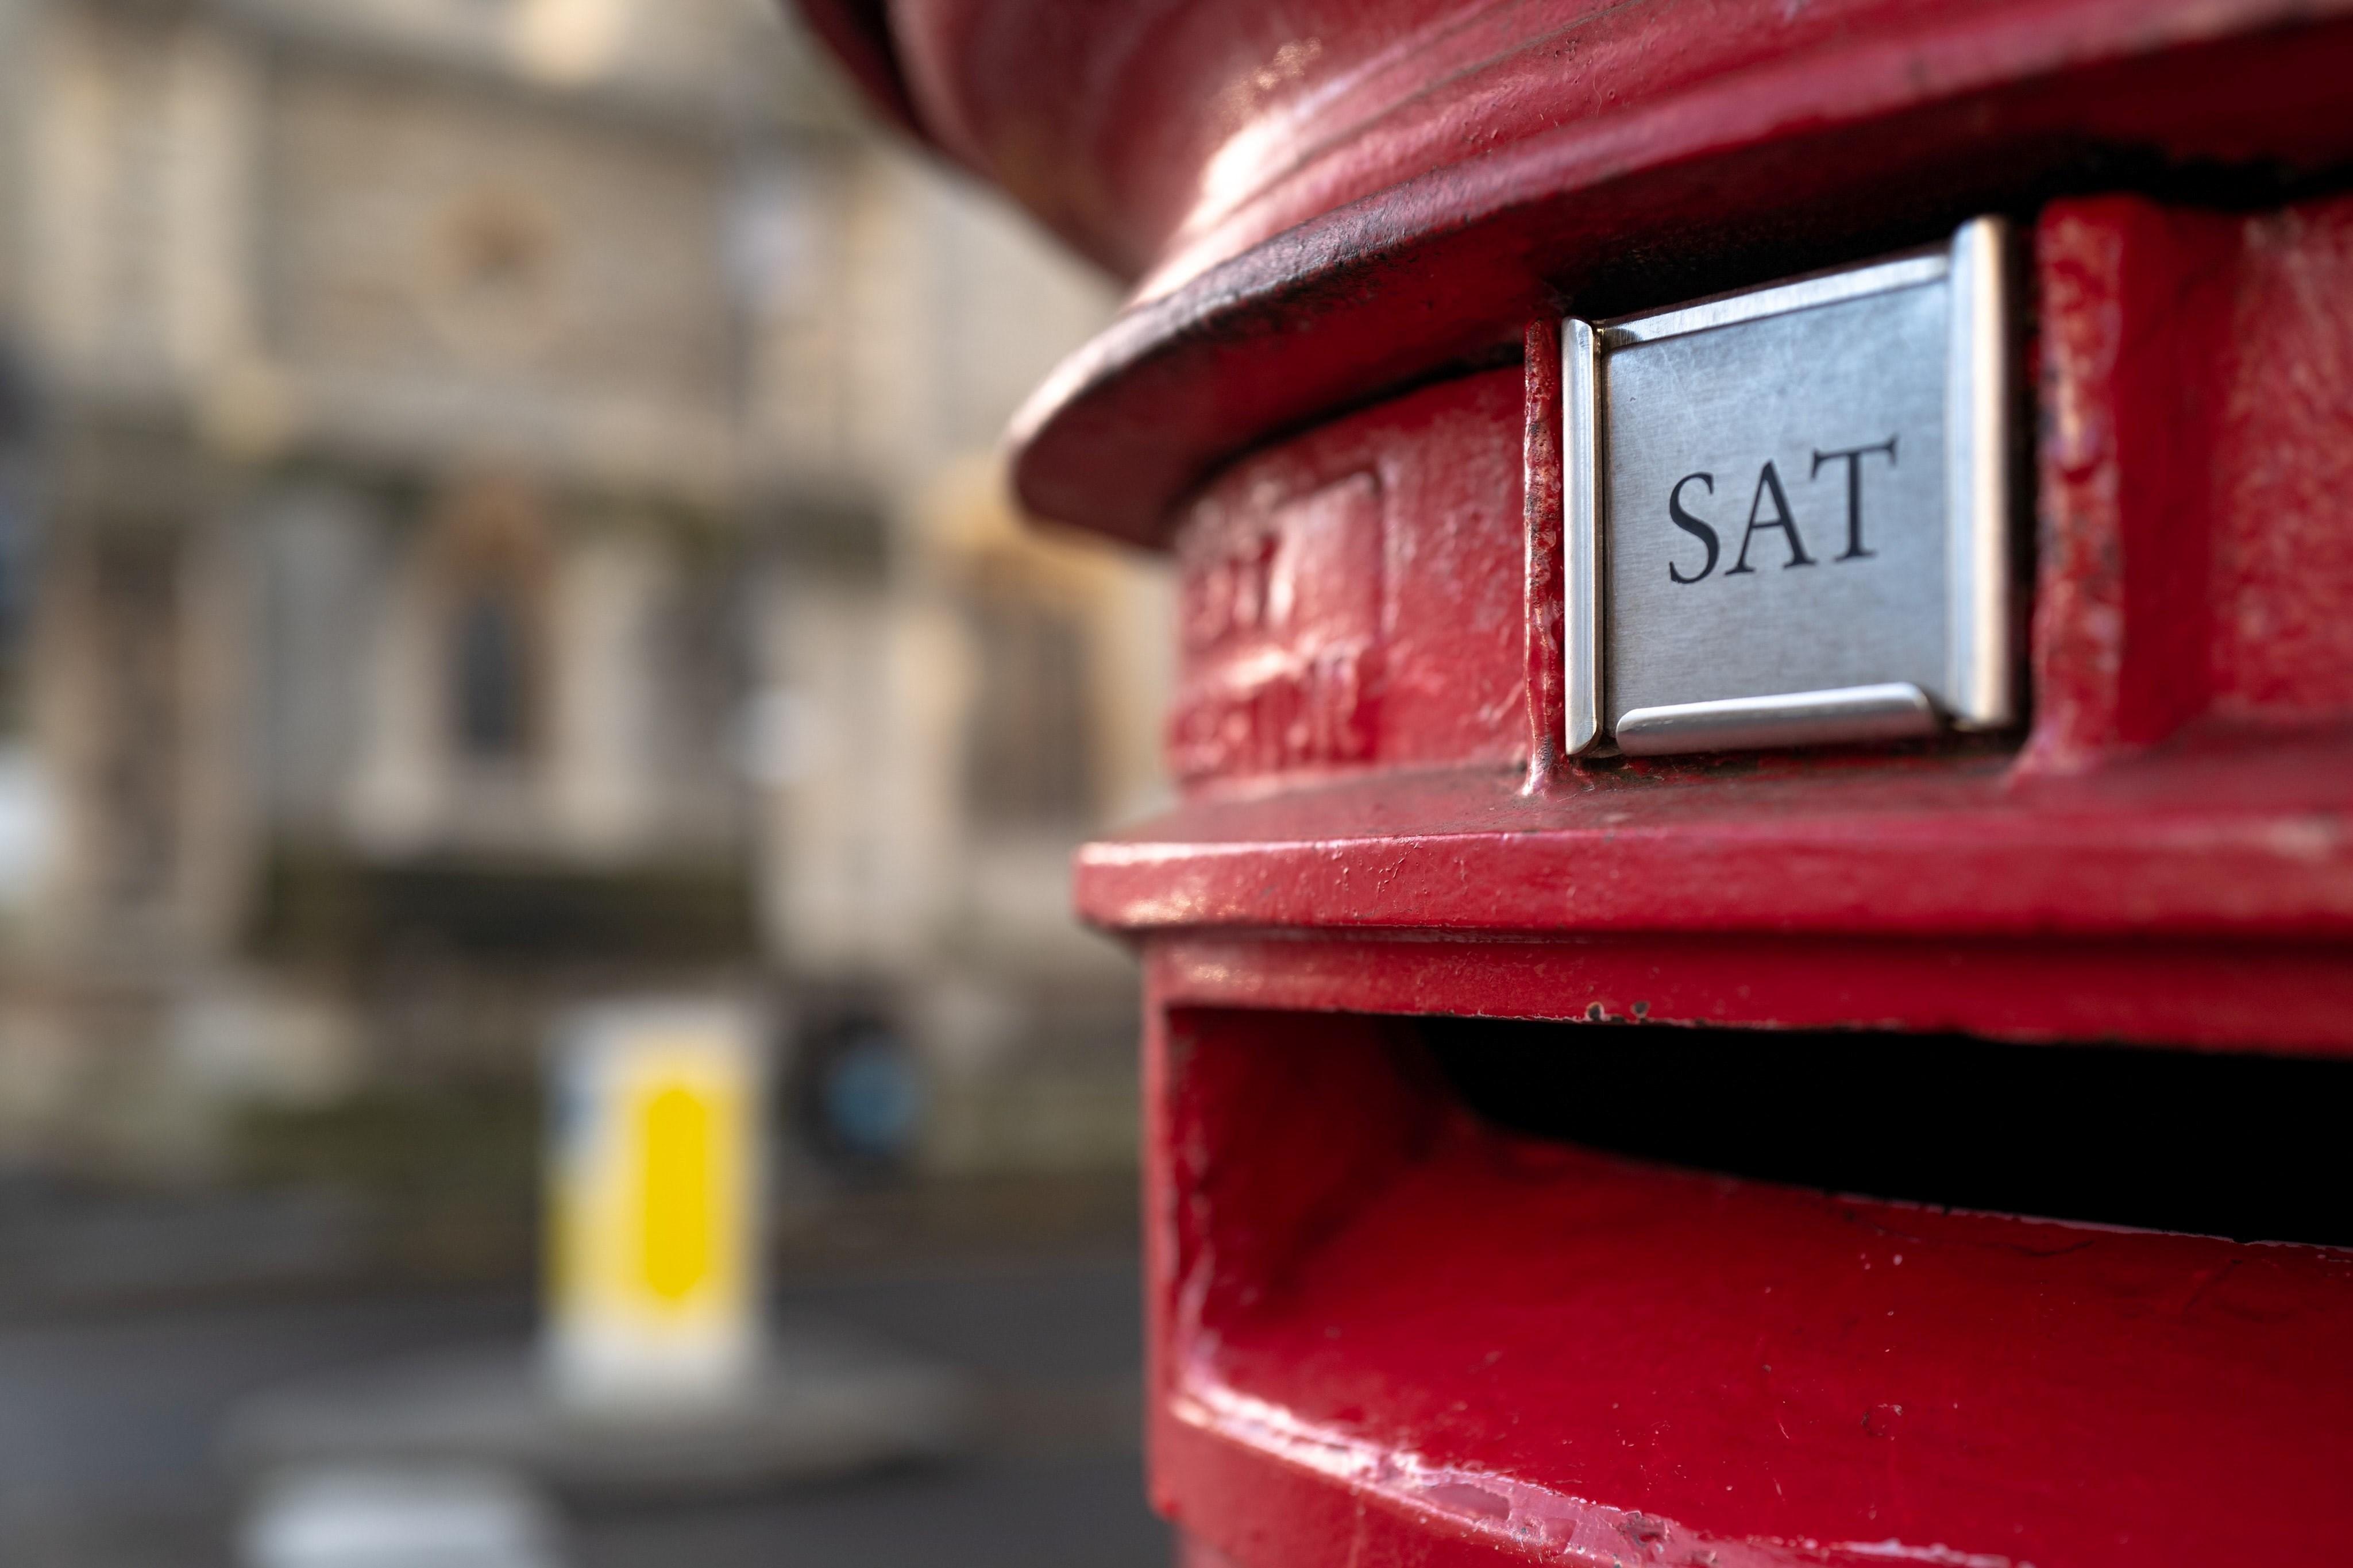 Royal mail image